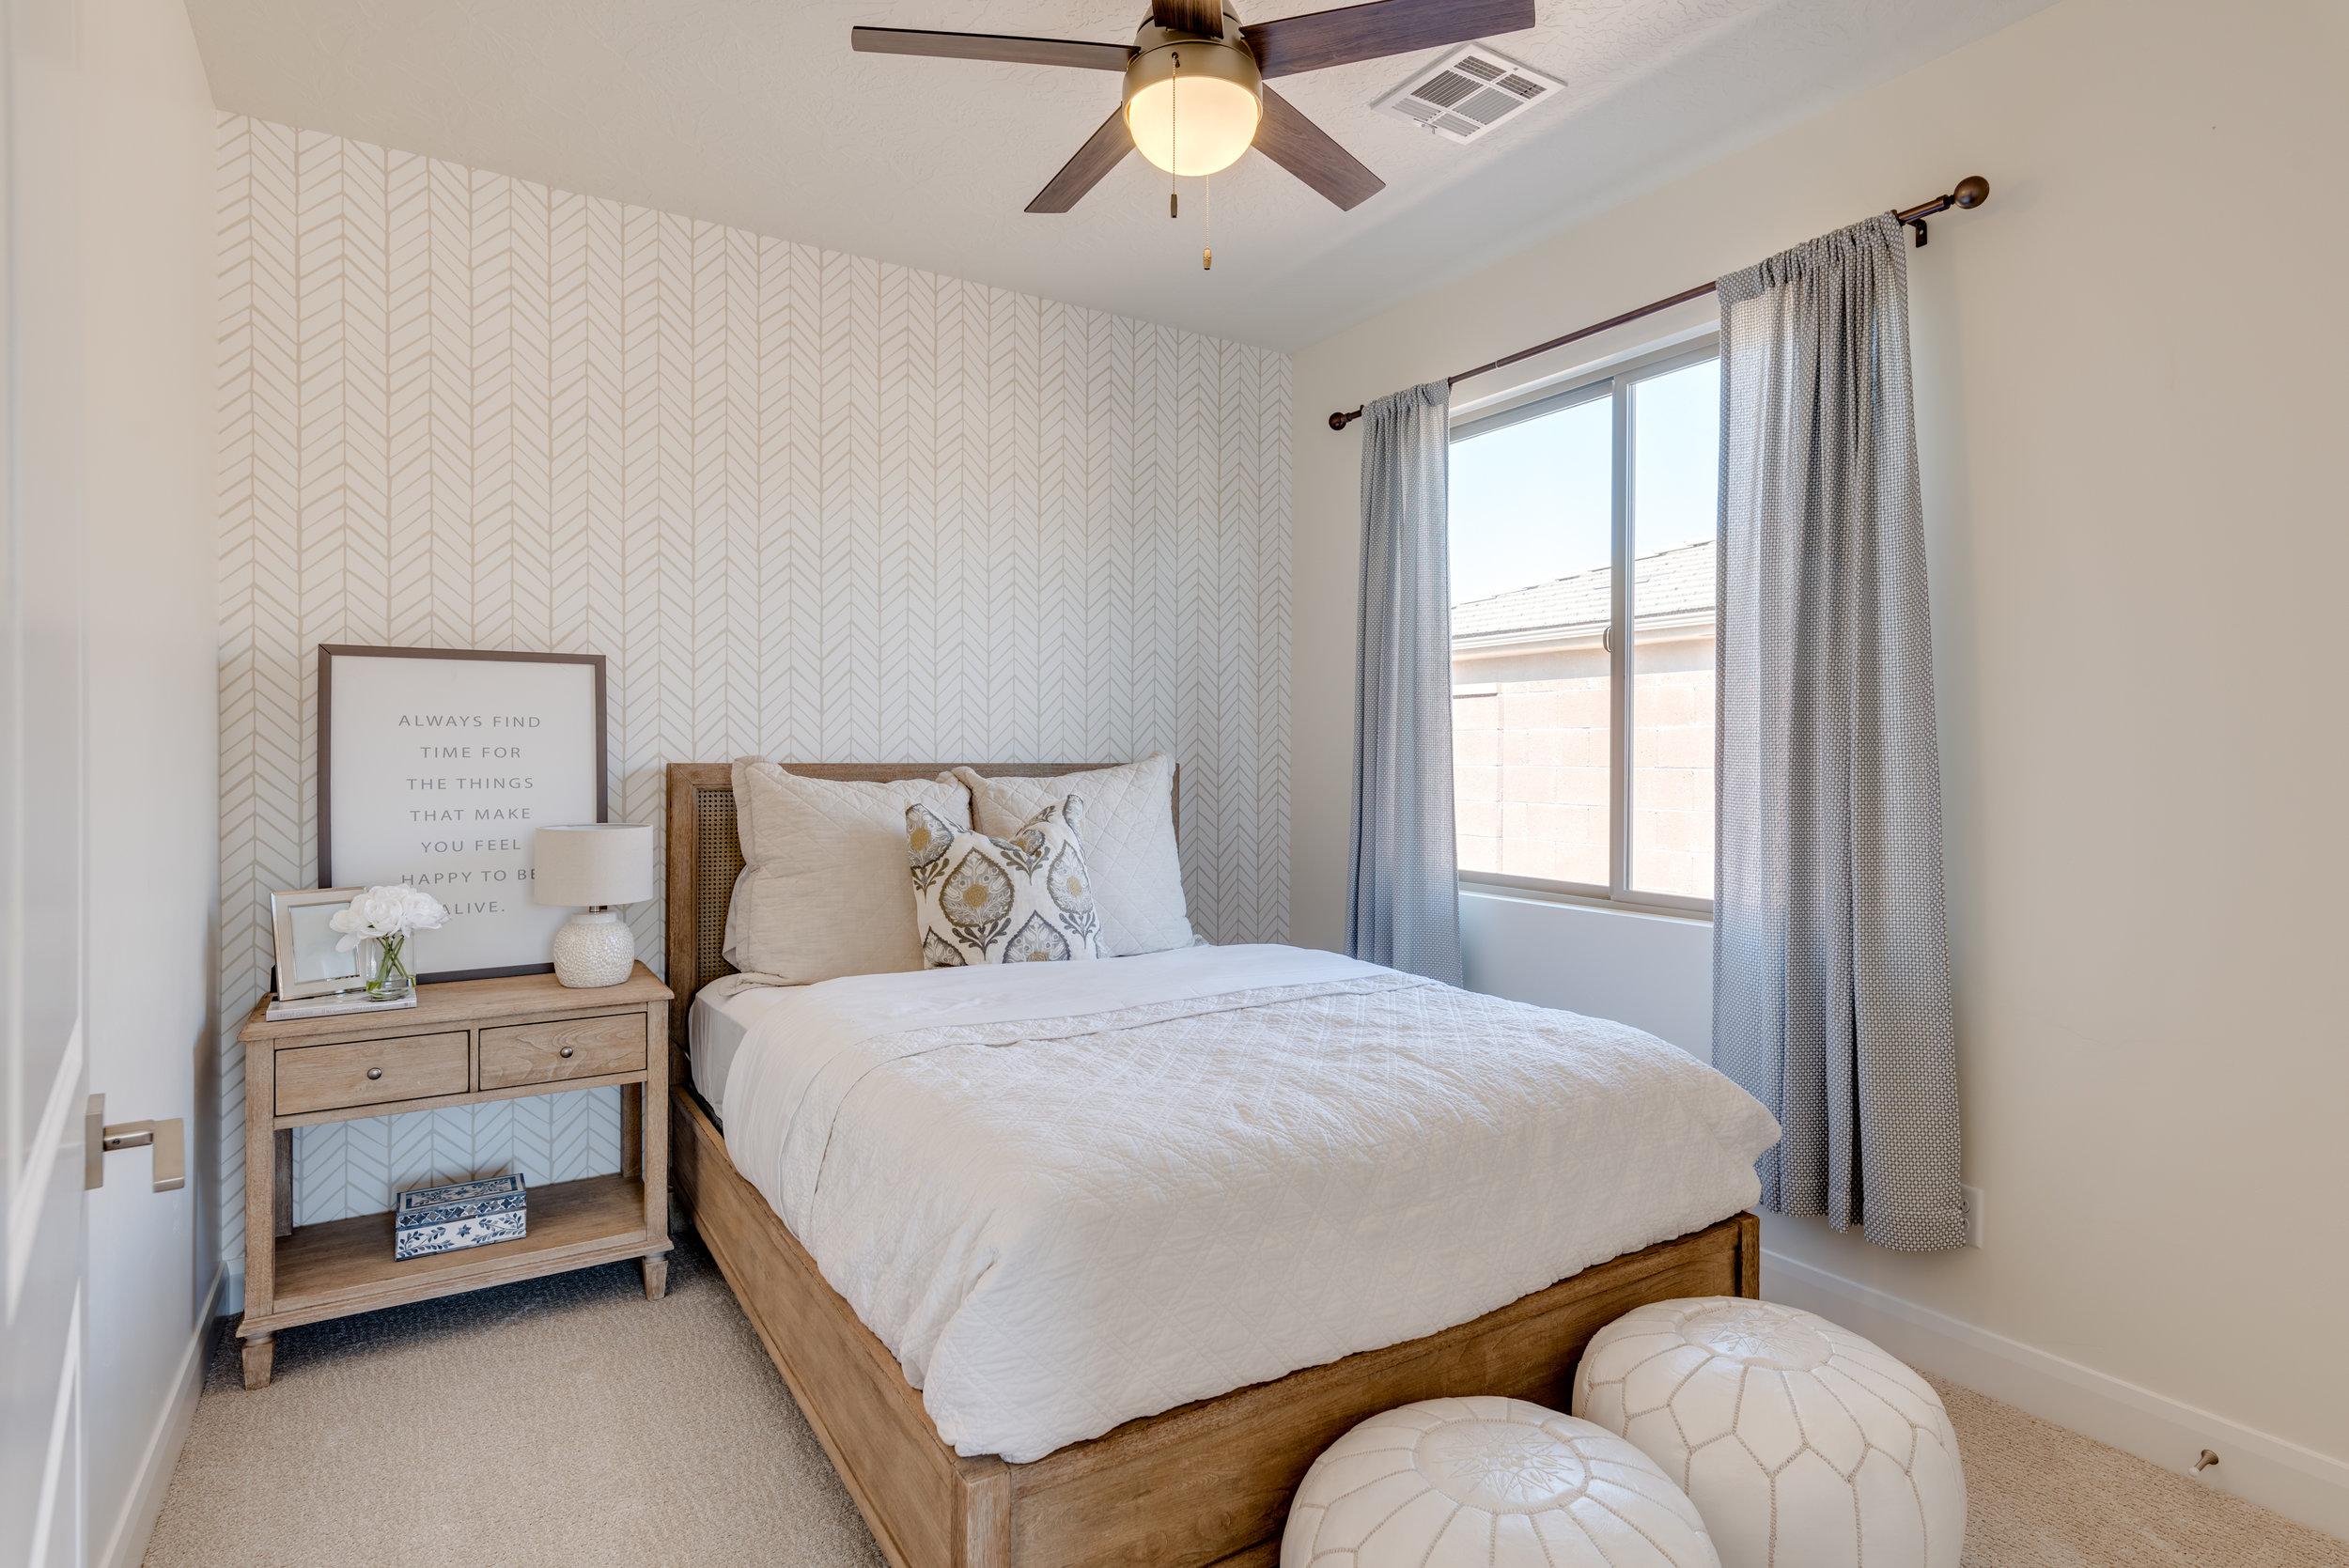 bedroom design with wallpaper